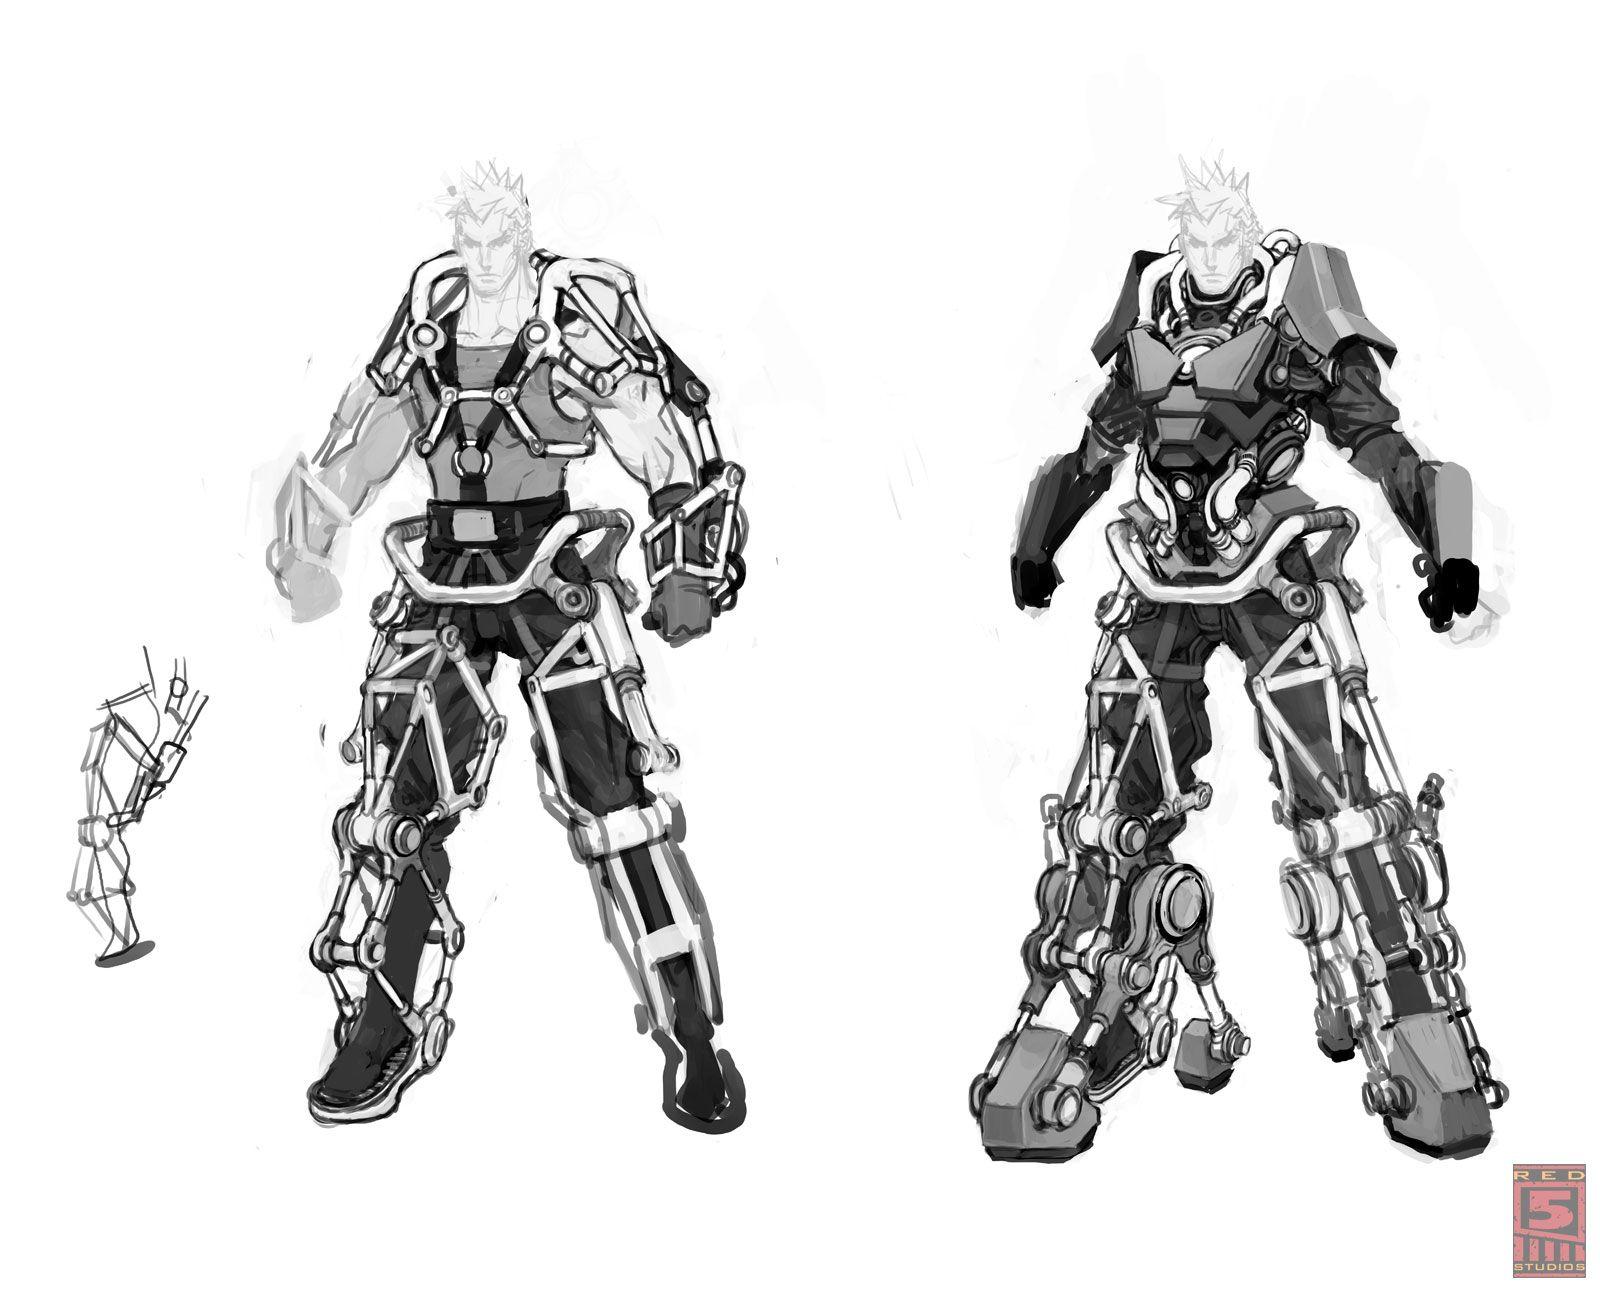 Firefall Battleframe Concept Art